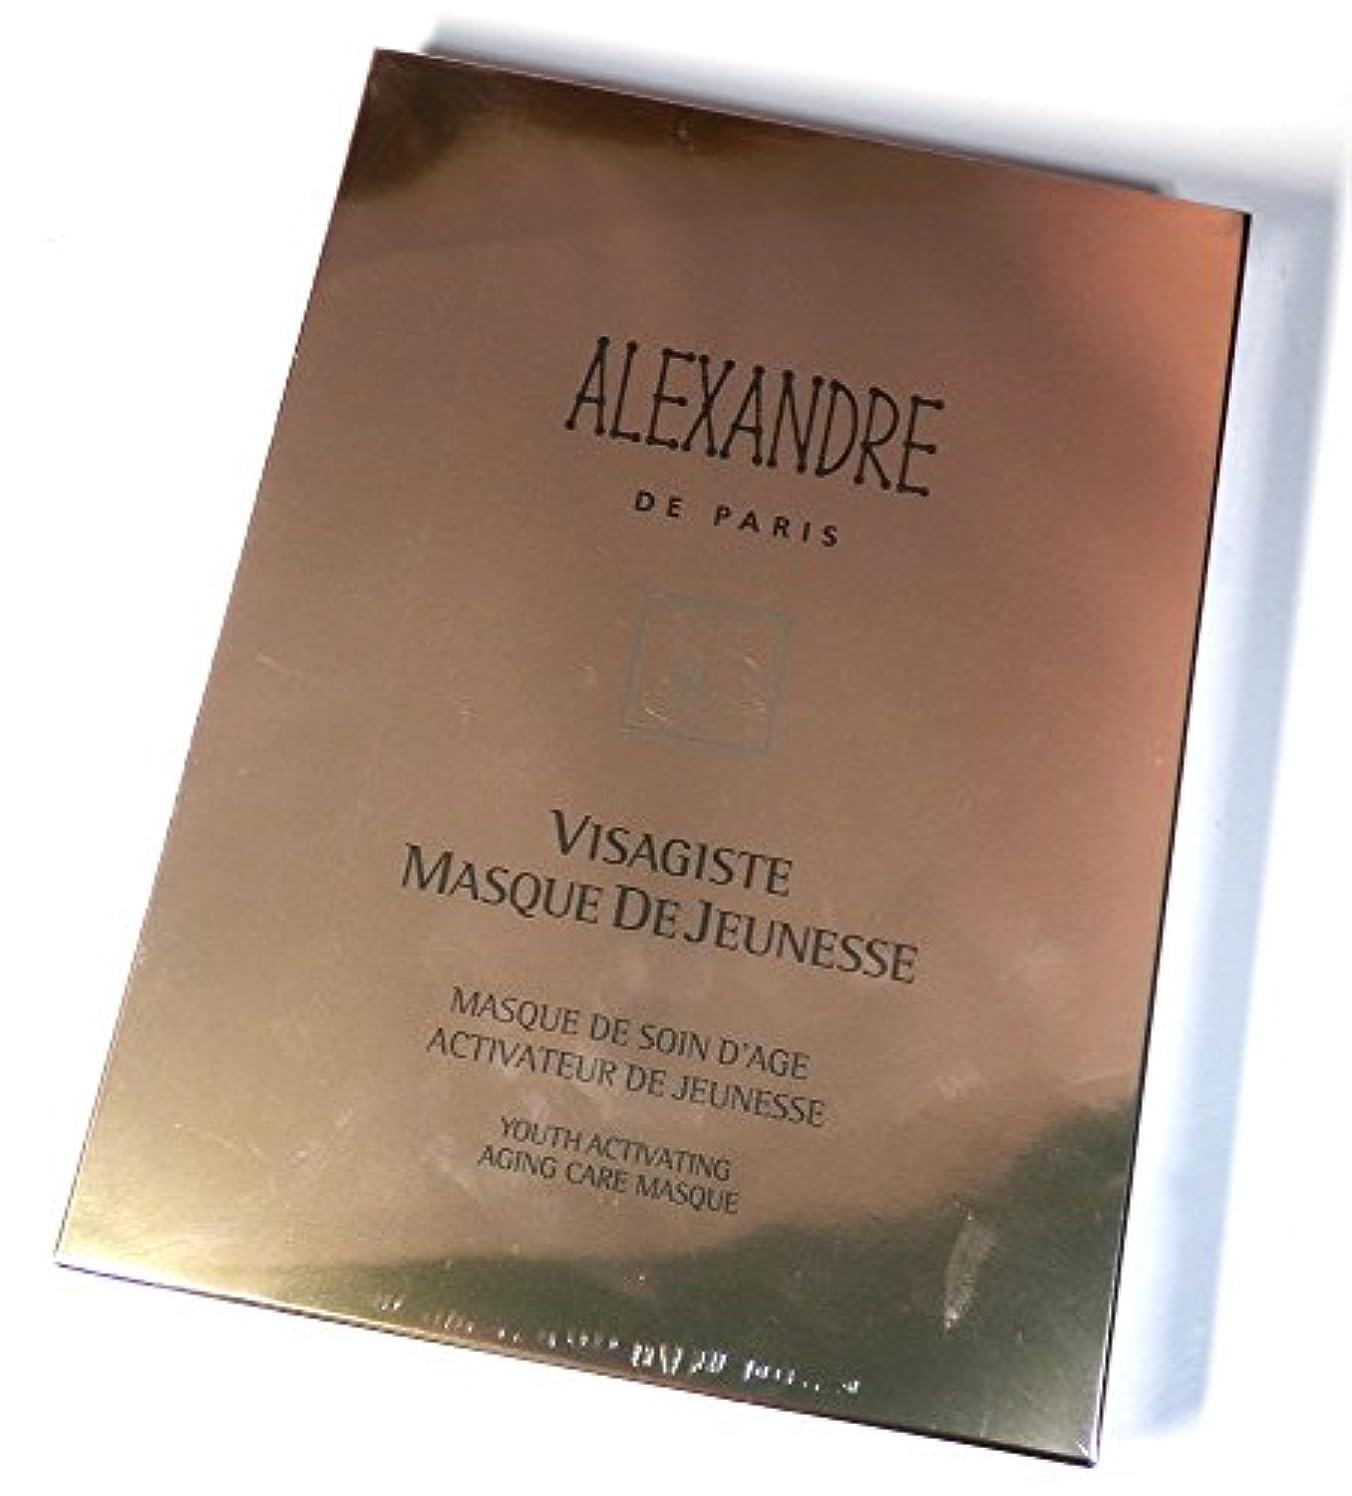 留め金公平なネックレスアレクサンドルドゥパリ ヴィザジスト マスクドゥジュネス(シート状トリートメントマスク)16mL×6枚 新品